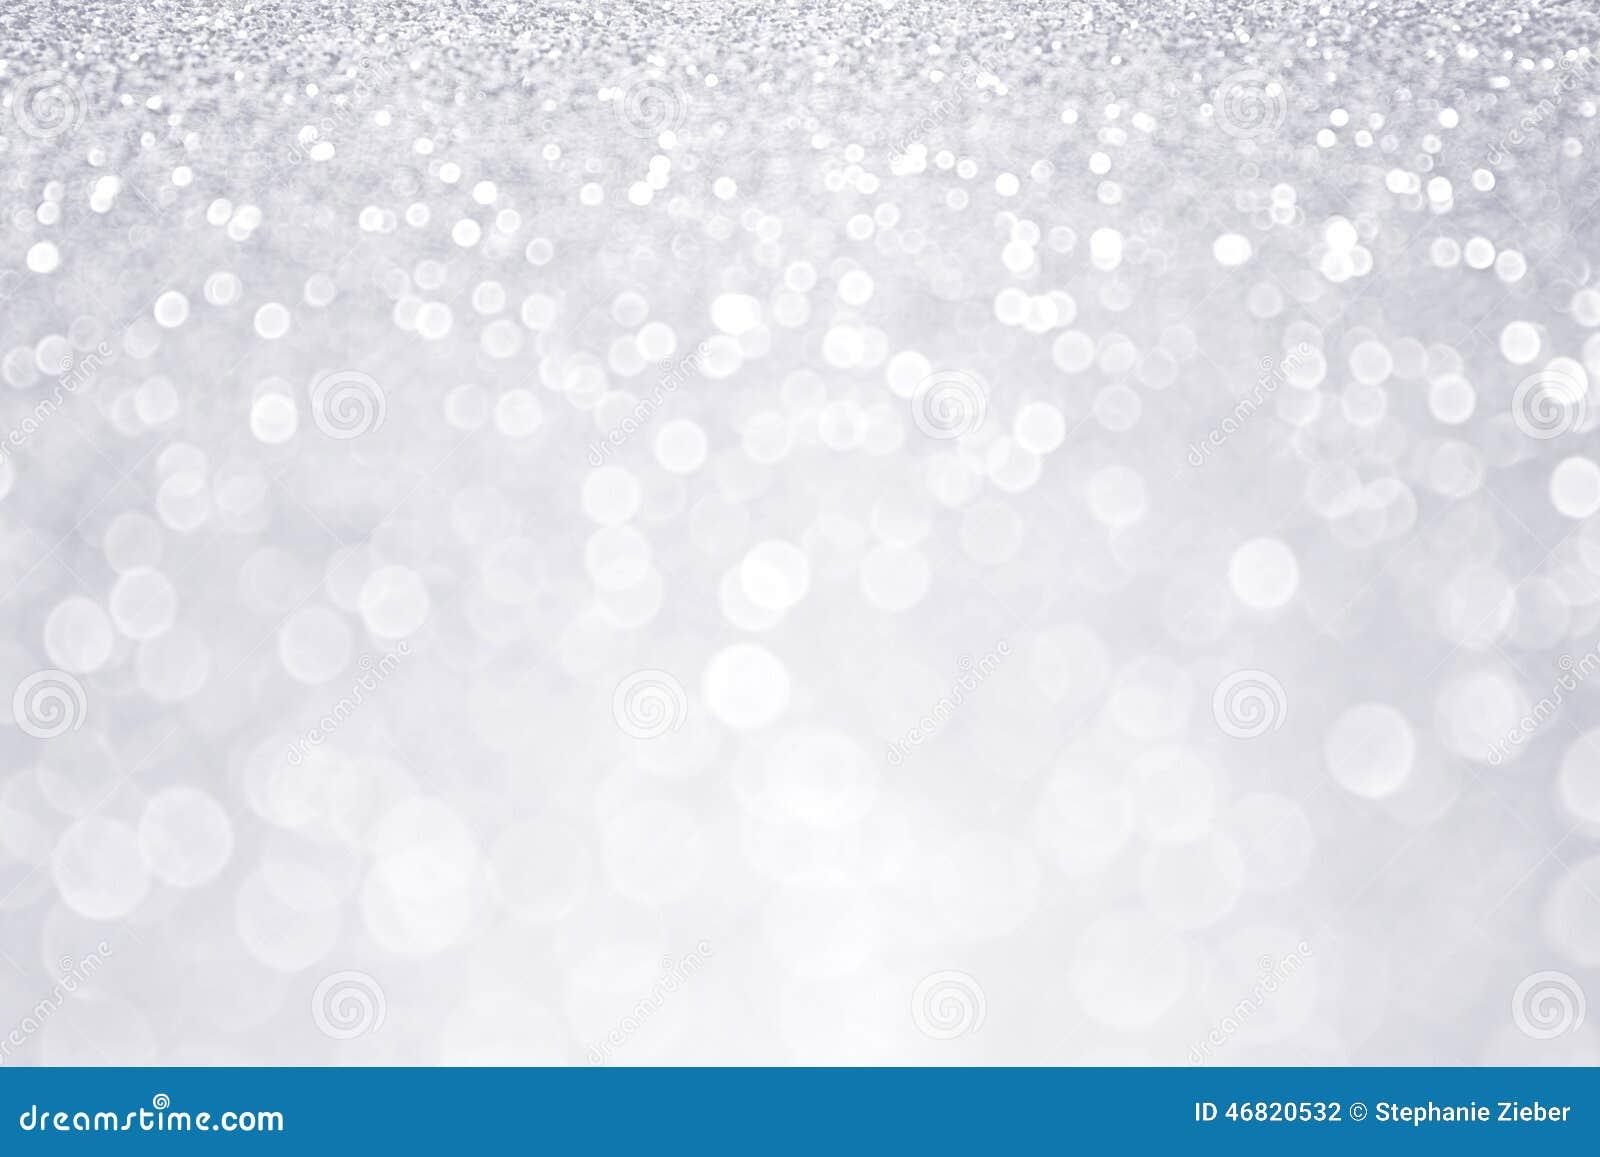 银色闪烁冬天圣诞节背景